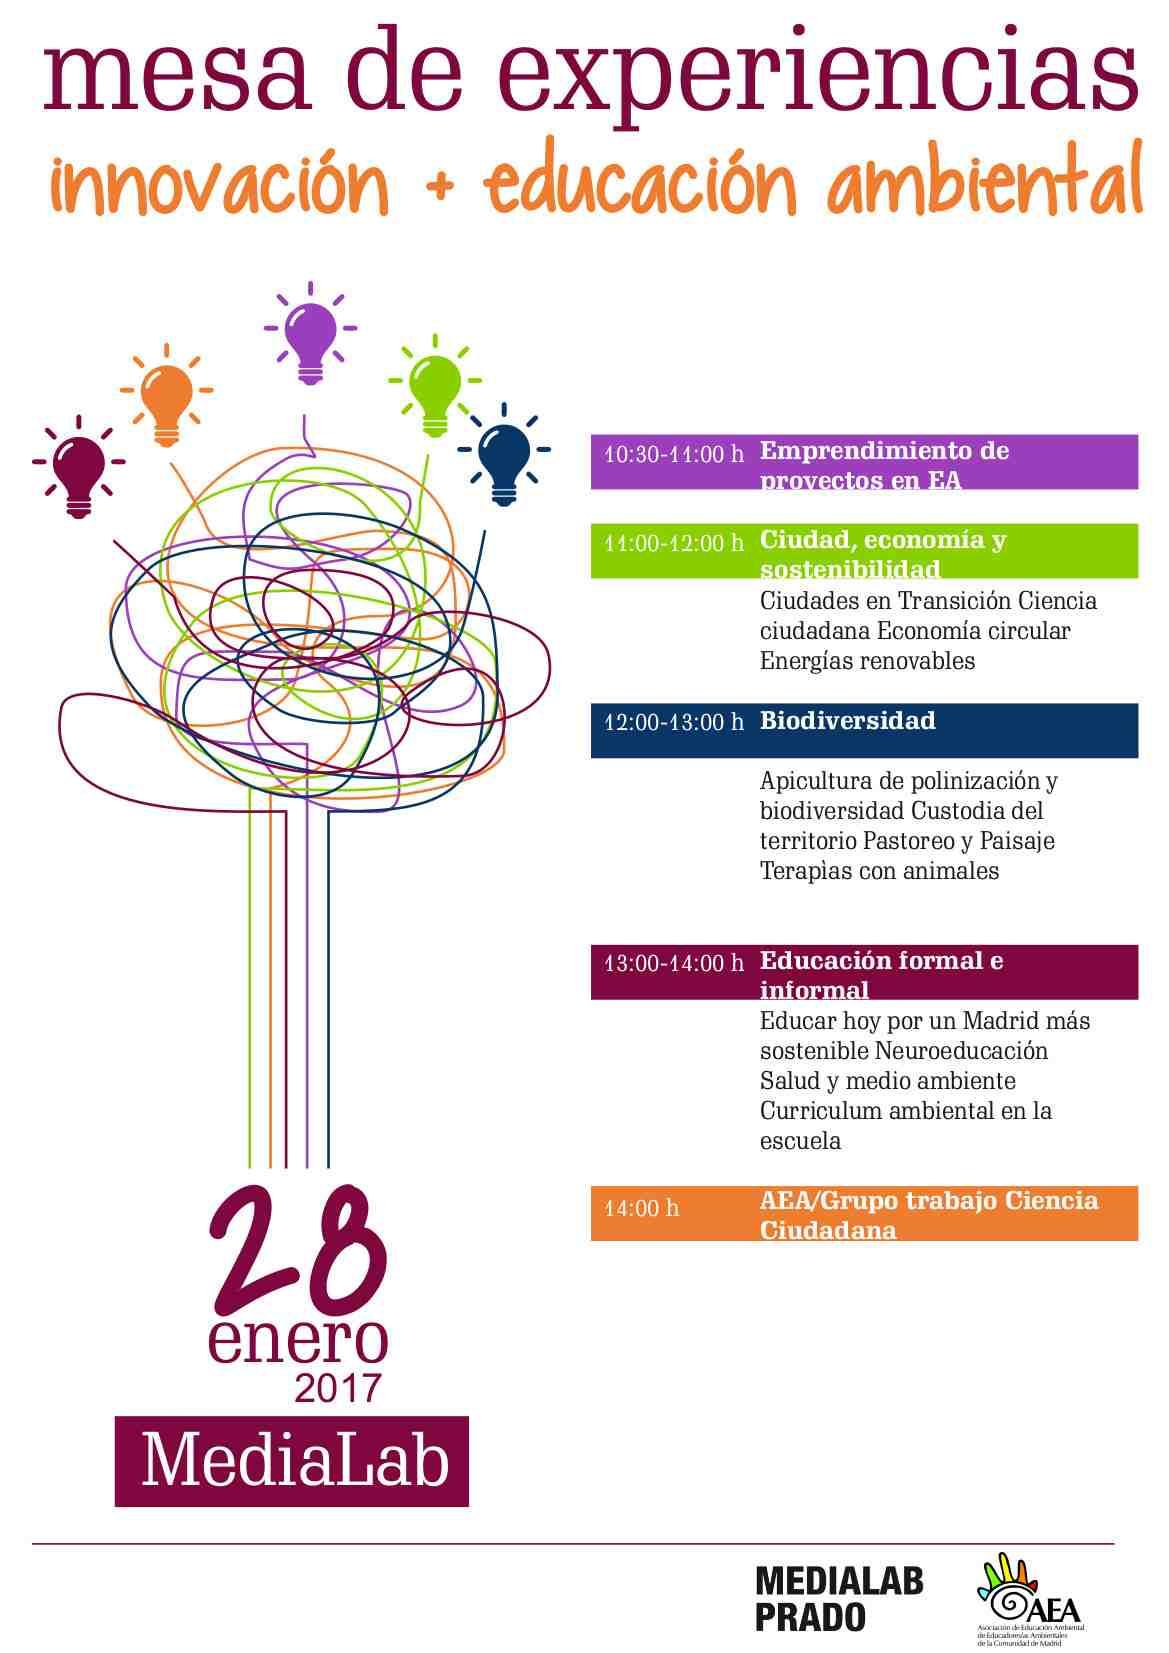 Mesa de experiencias innovación + educación ambiental AEA Madrid